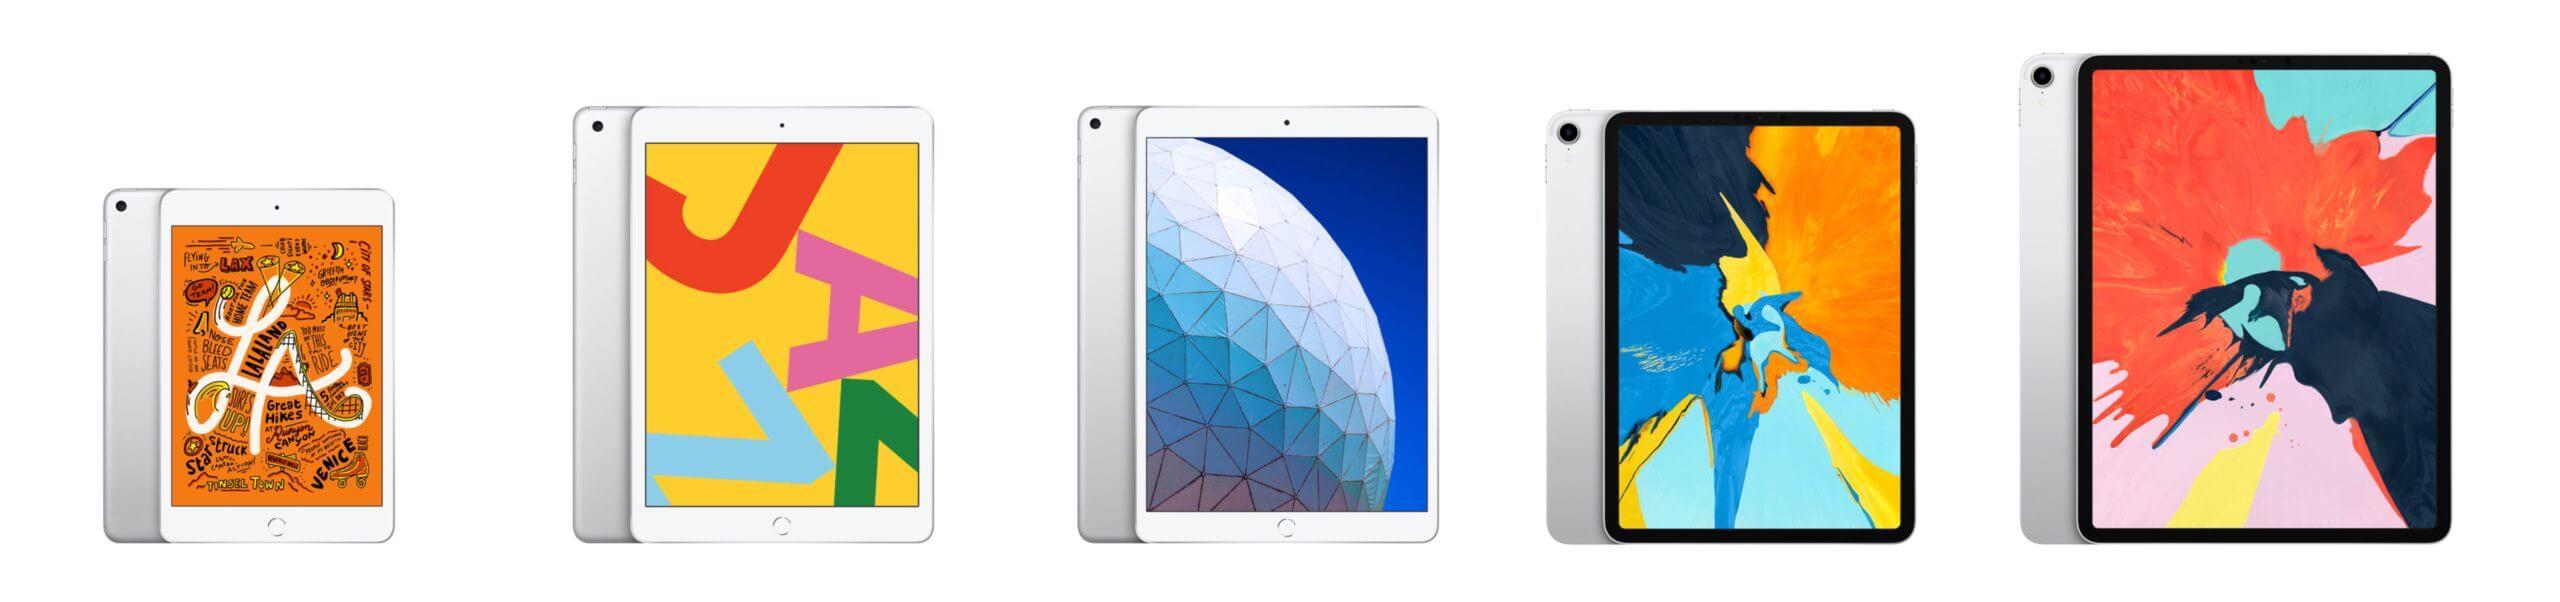 iPad全サイズ比較